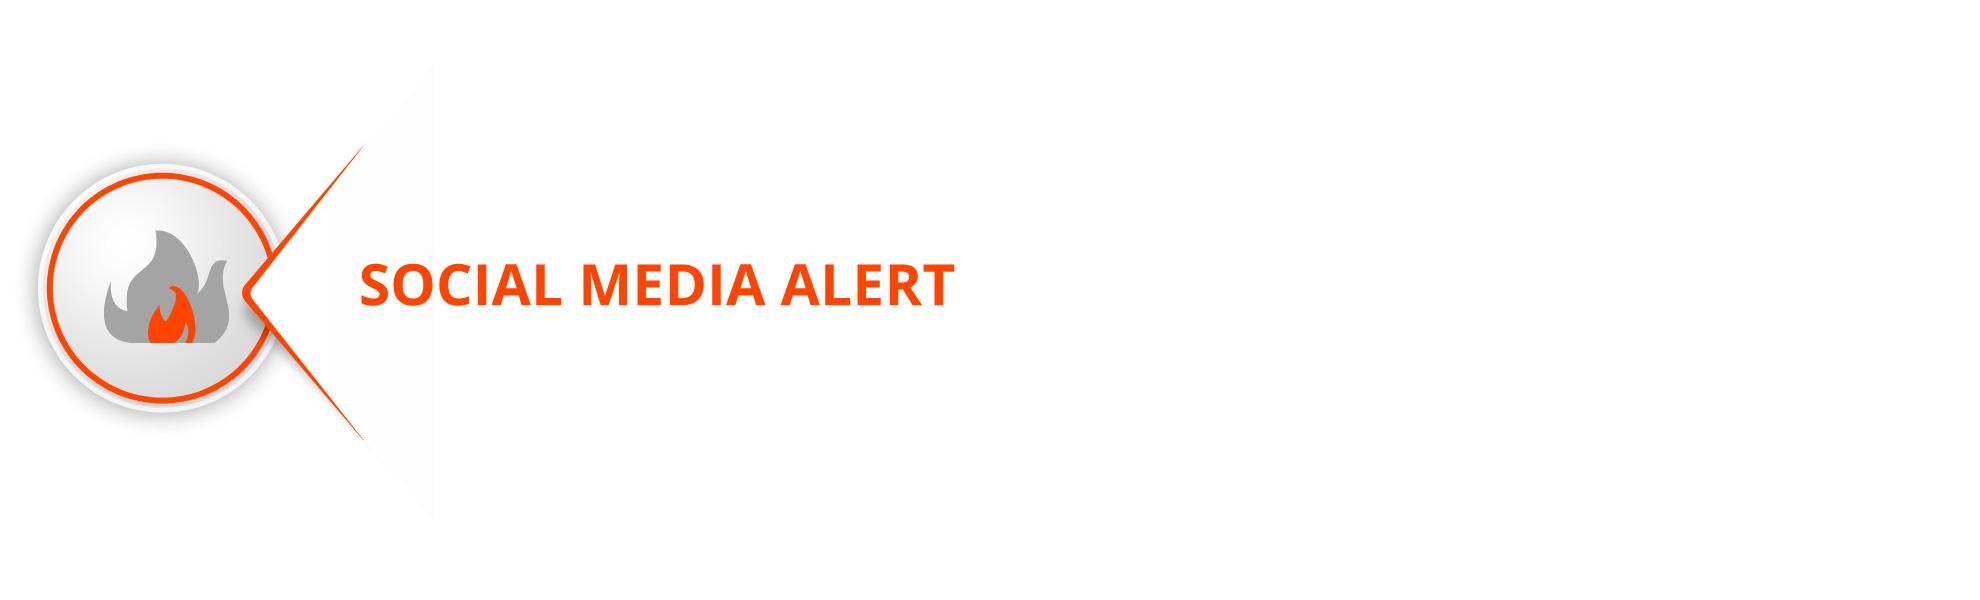 social-media-alert-azobit